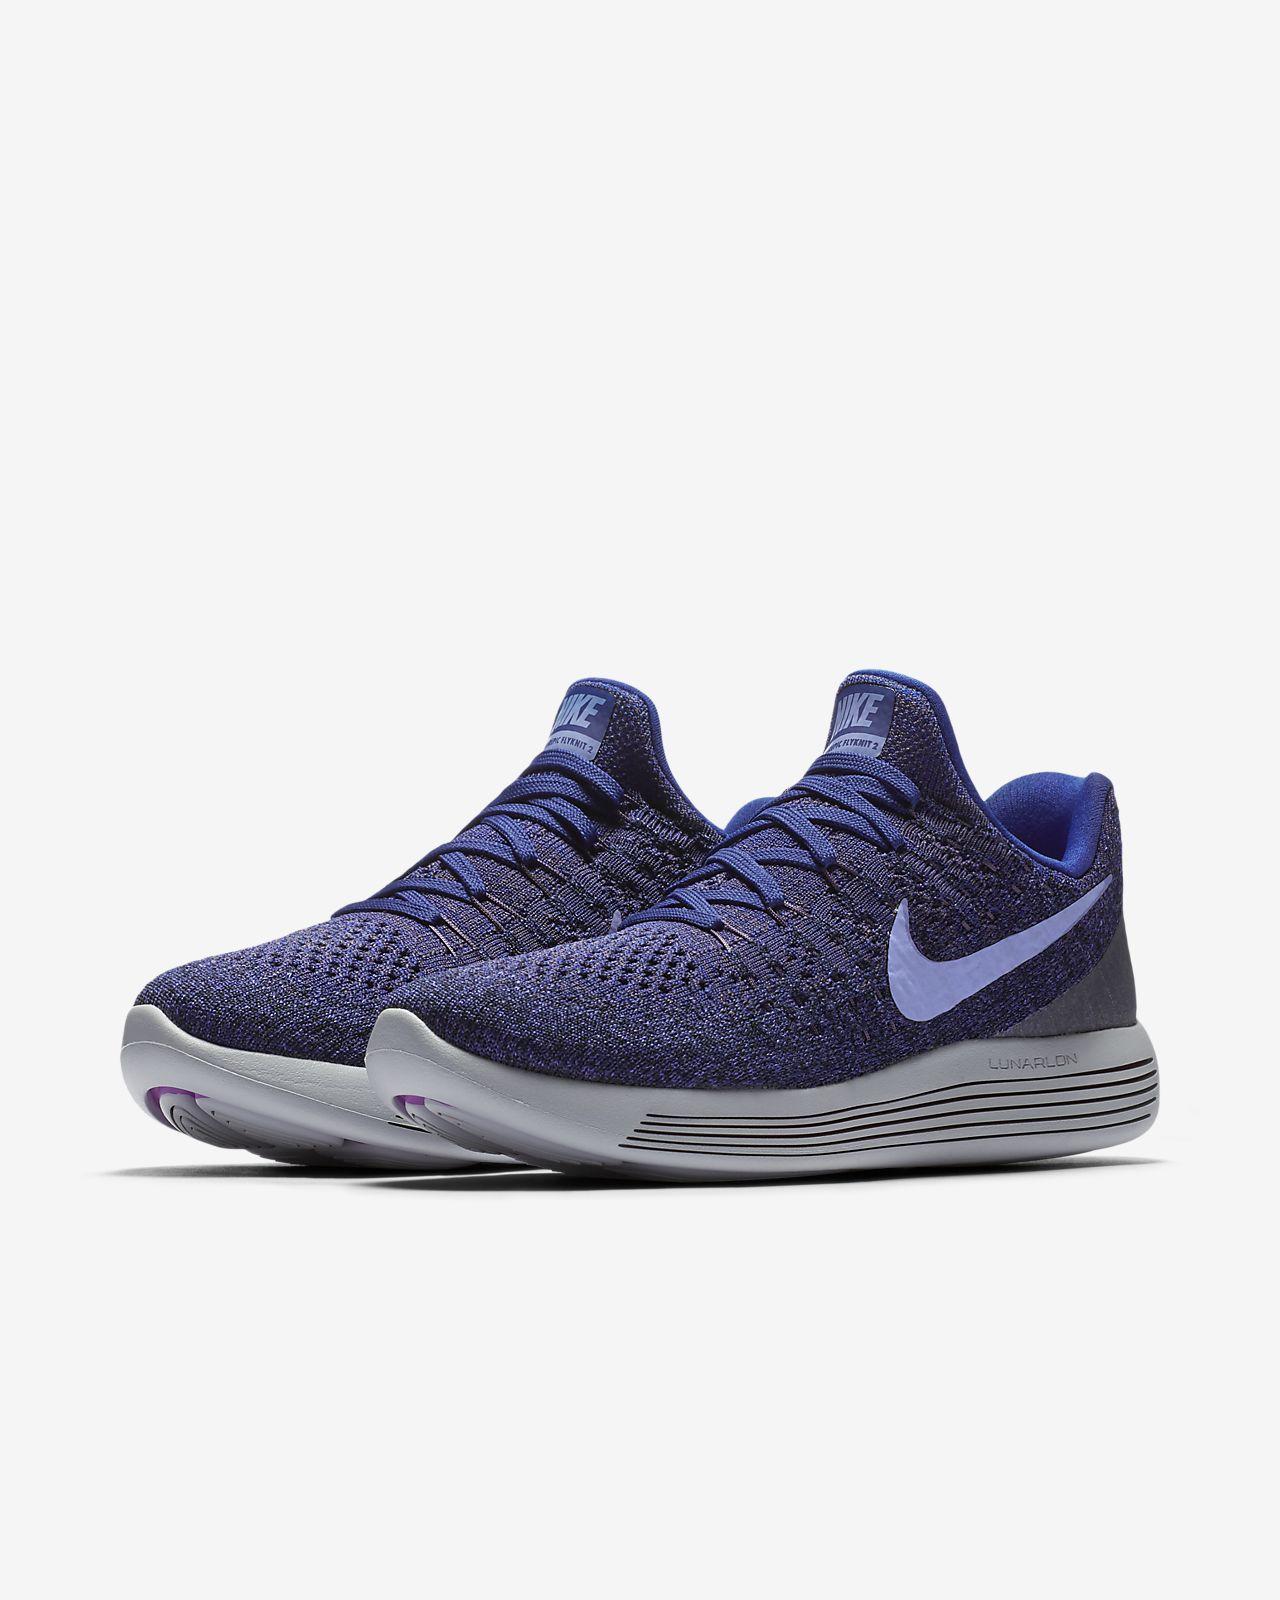 Sont Nike Free Fonctionne Bien Pour Rester Debout Toute Lenseignement De Jour